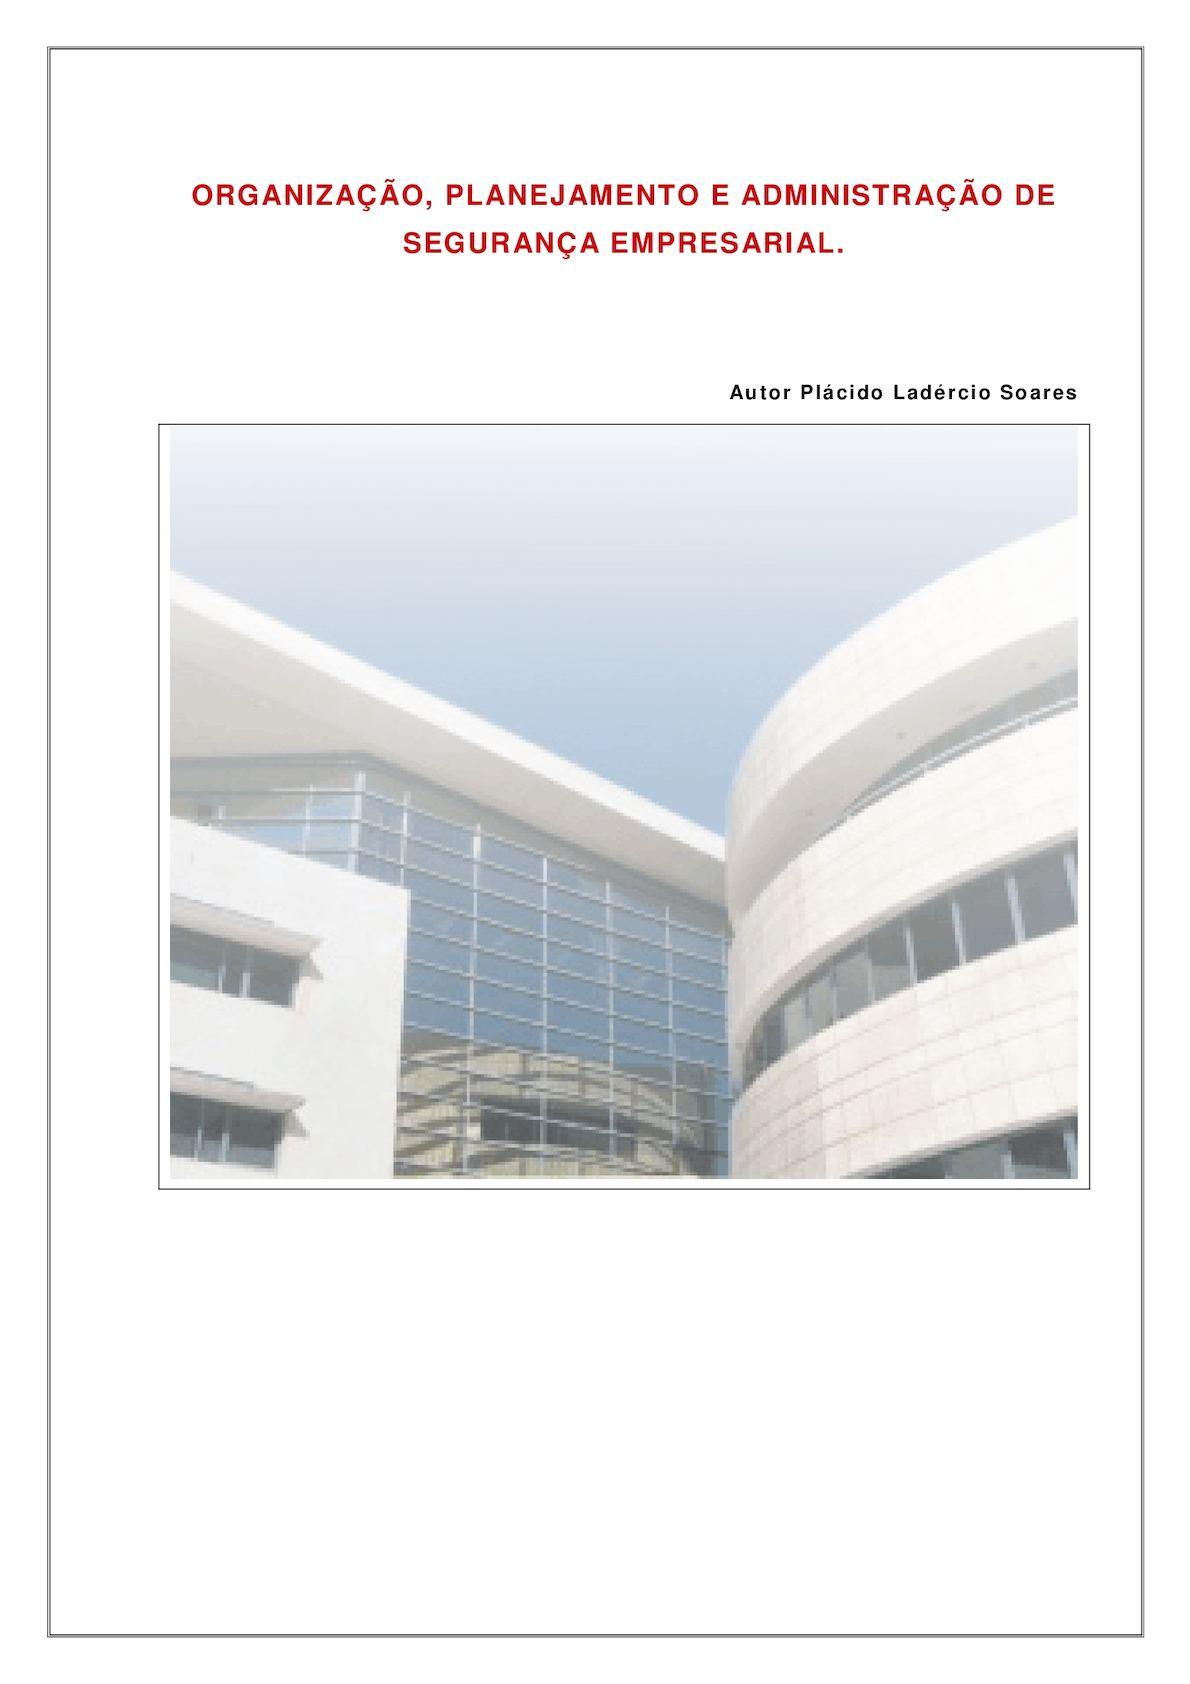 Calaméo - Manual Organização, Planejamento E Administração De Segurança  Empresarial 1 30d6faaab7